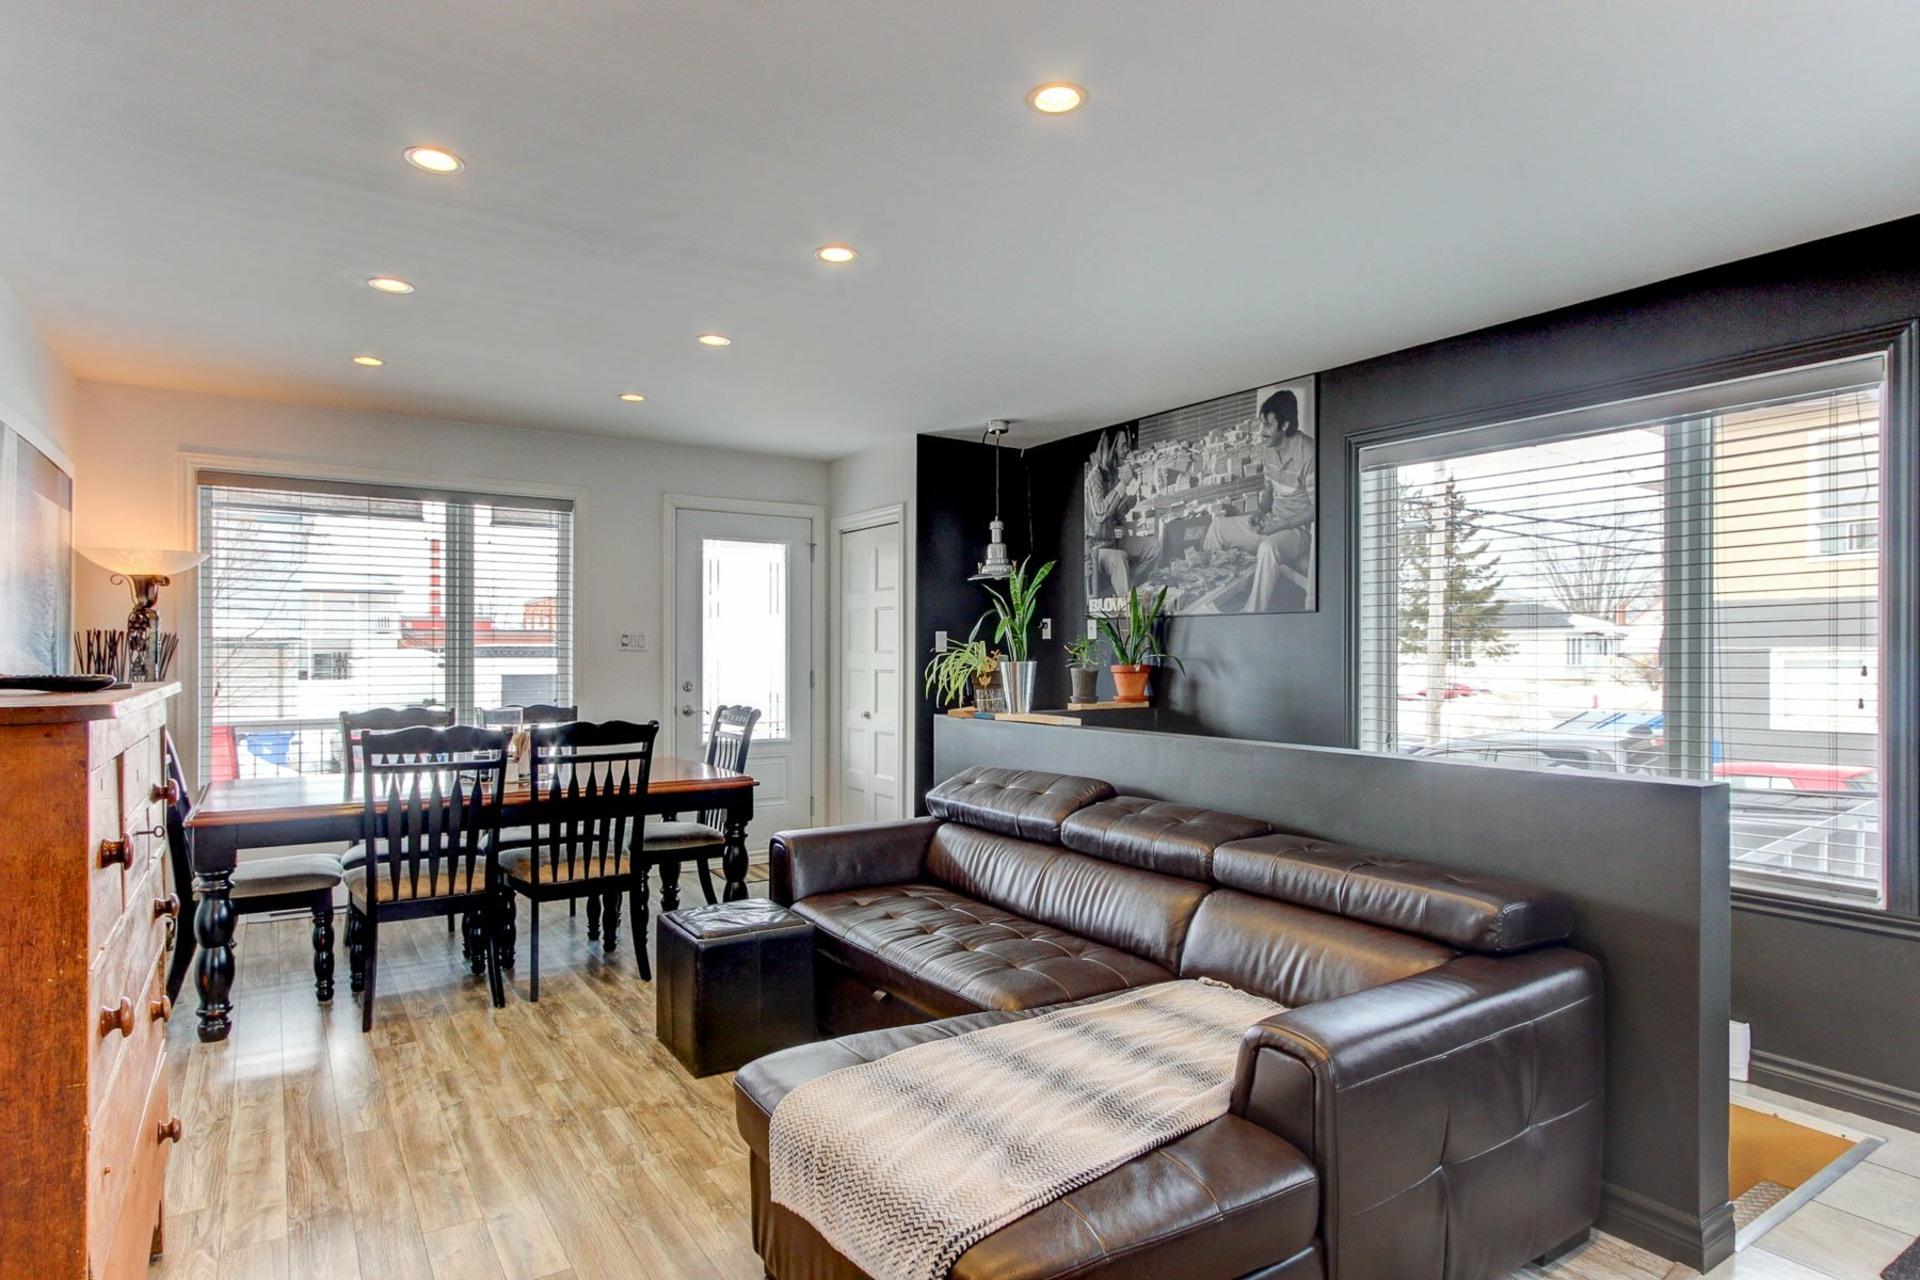 image 13 - Duplex À vendre Trois-Rivières - 8 pièces